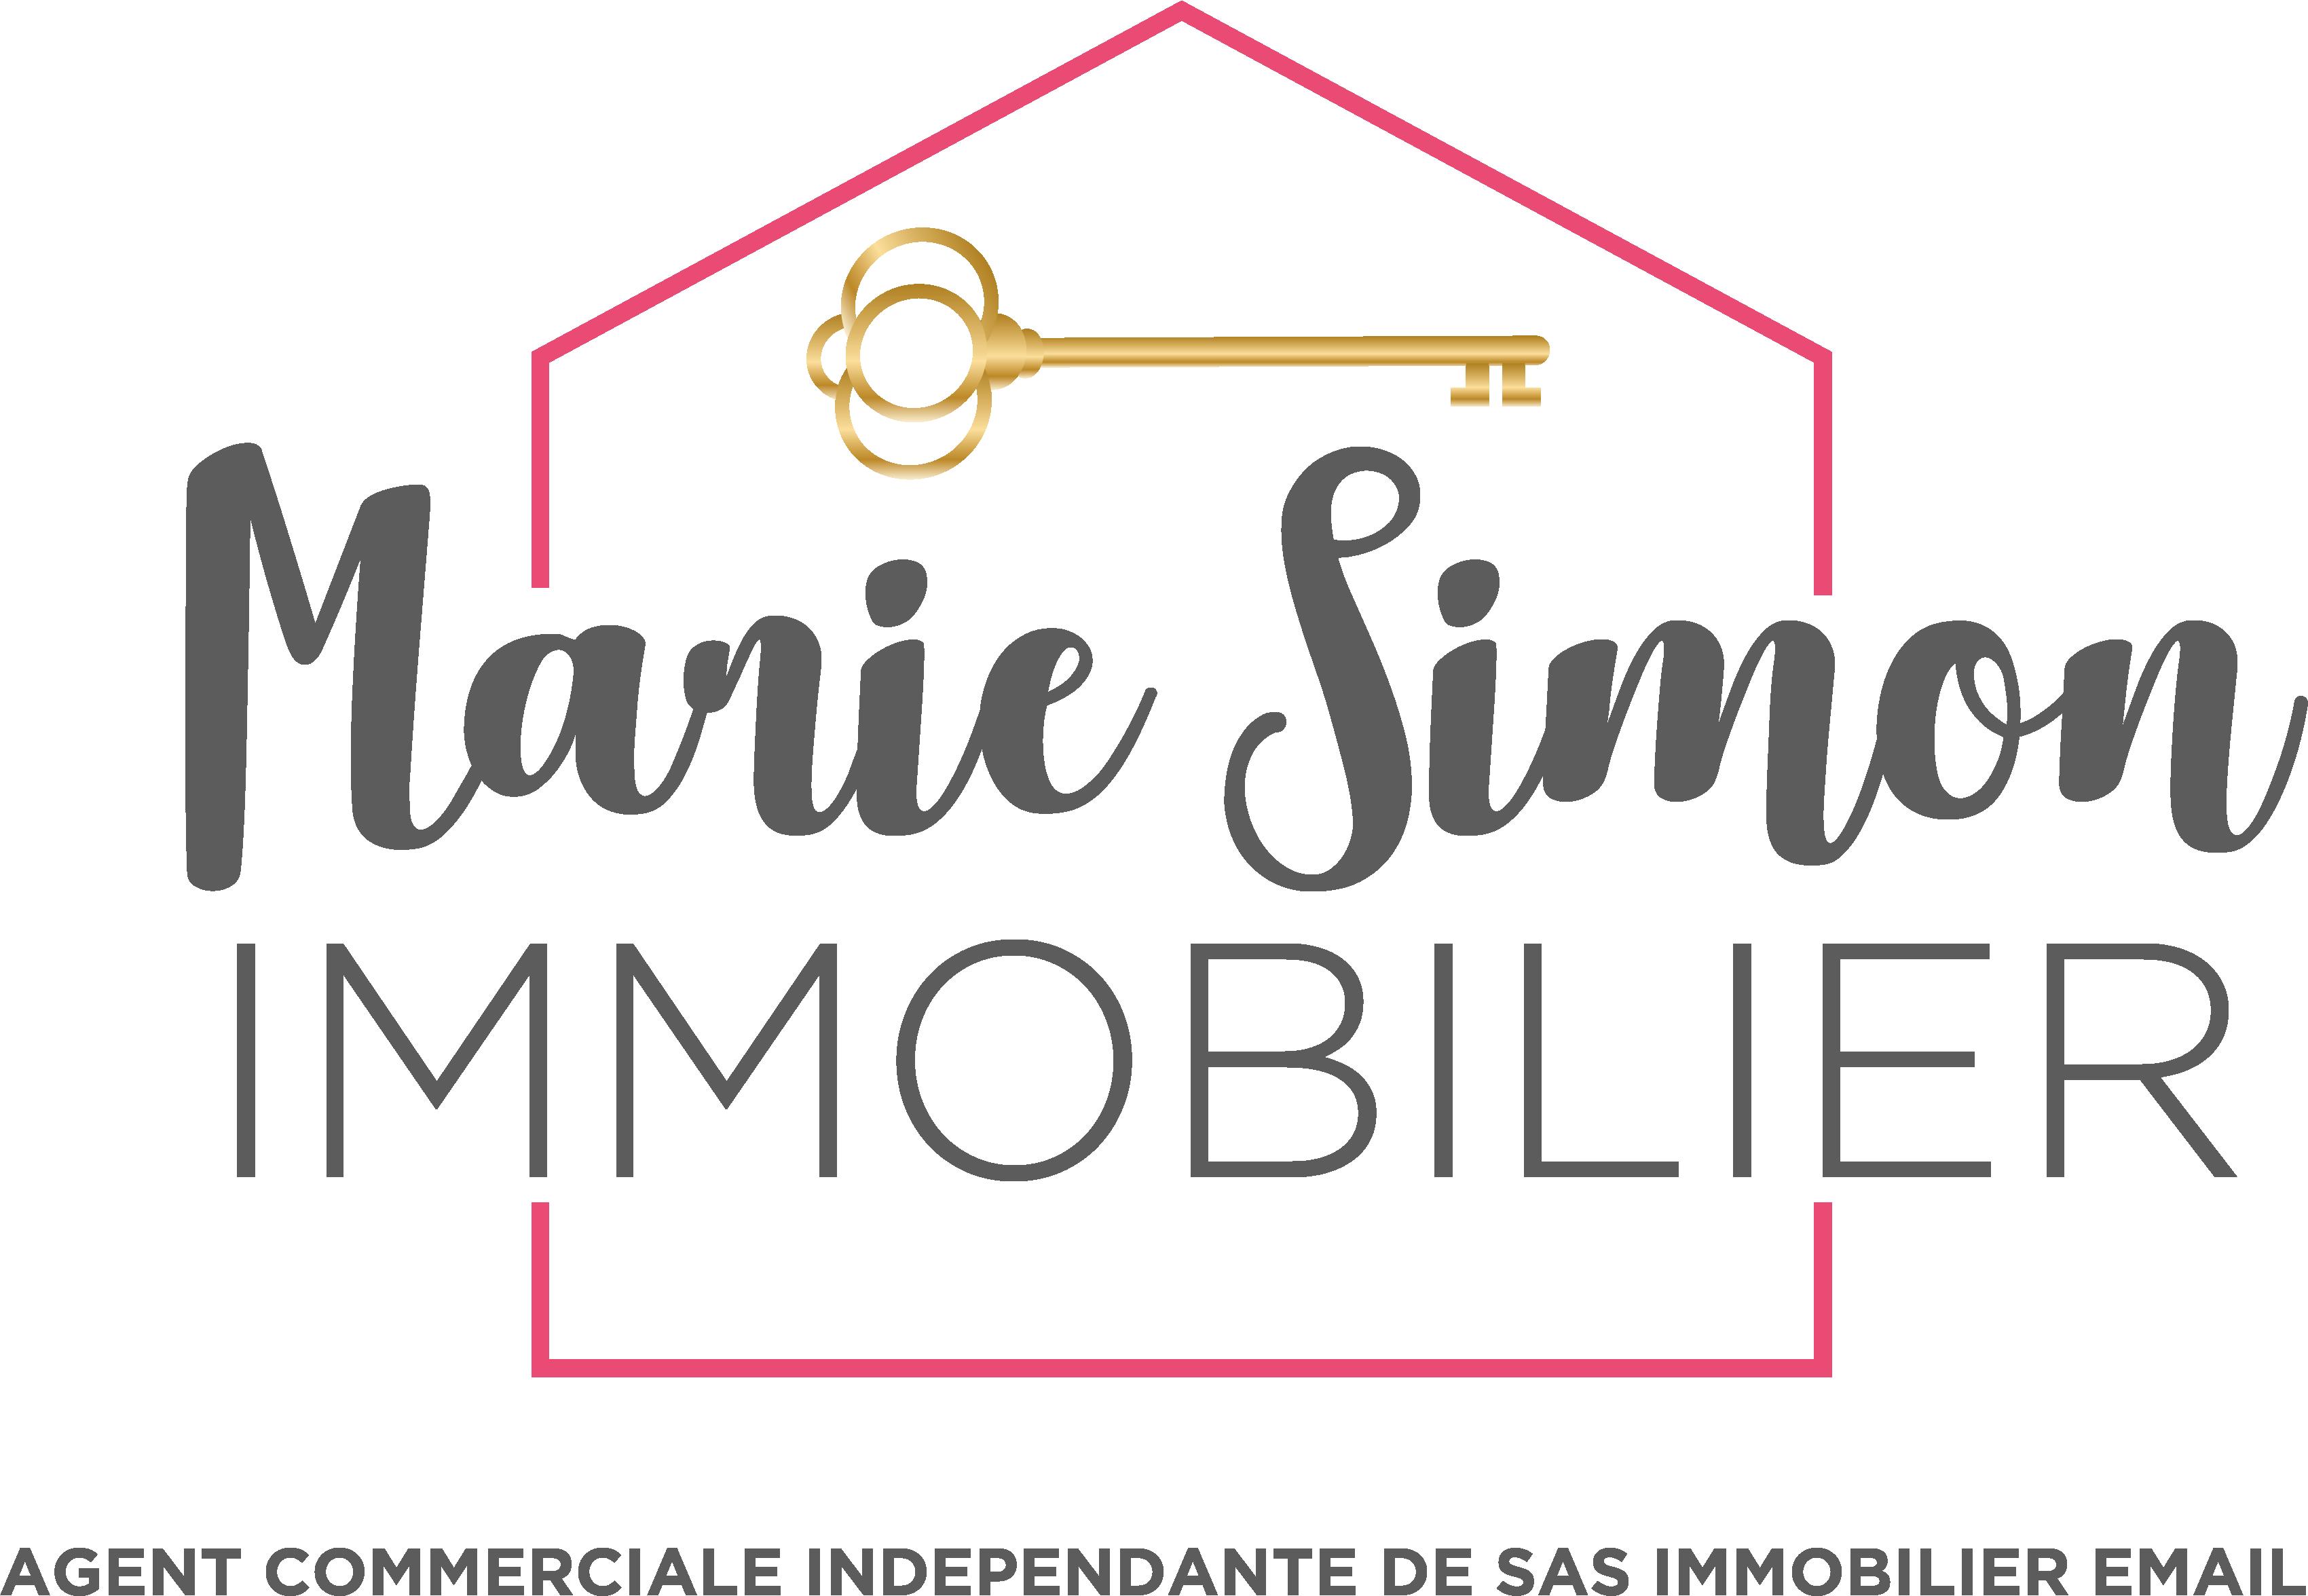 Marie SIMON, agent commerciale indépendante sous l'enseigne : Marie SIMON Immobilier